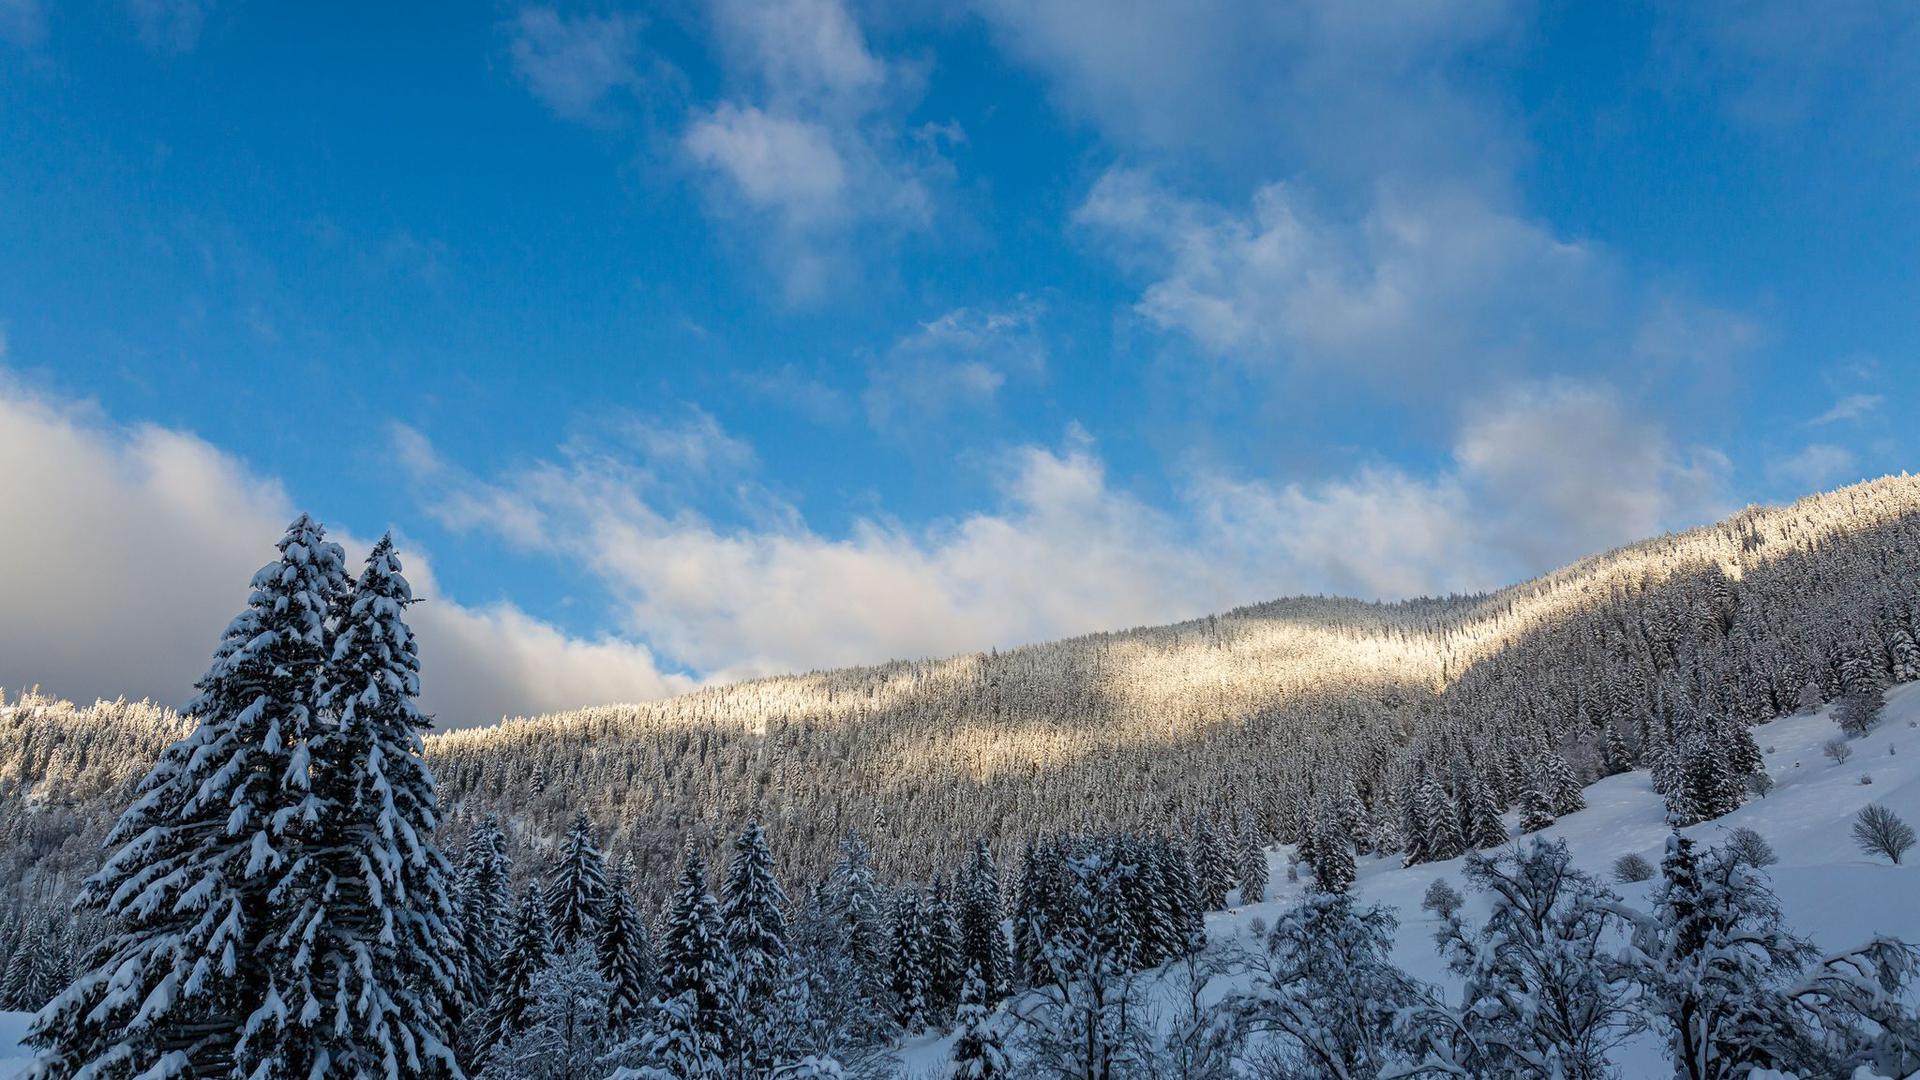 Tief verschneite Bäume stehen an den Hängen rund um den Ort Menzenschwand nahe St. Blasien.